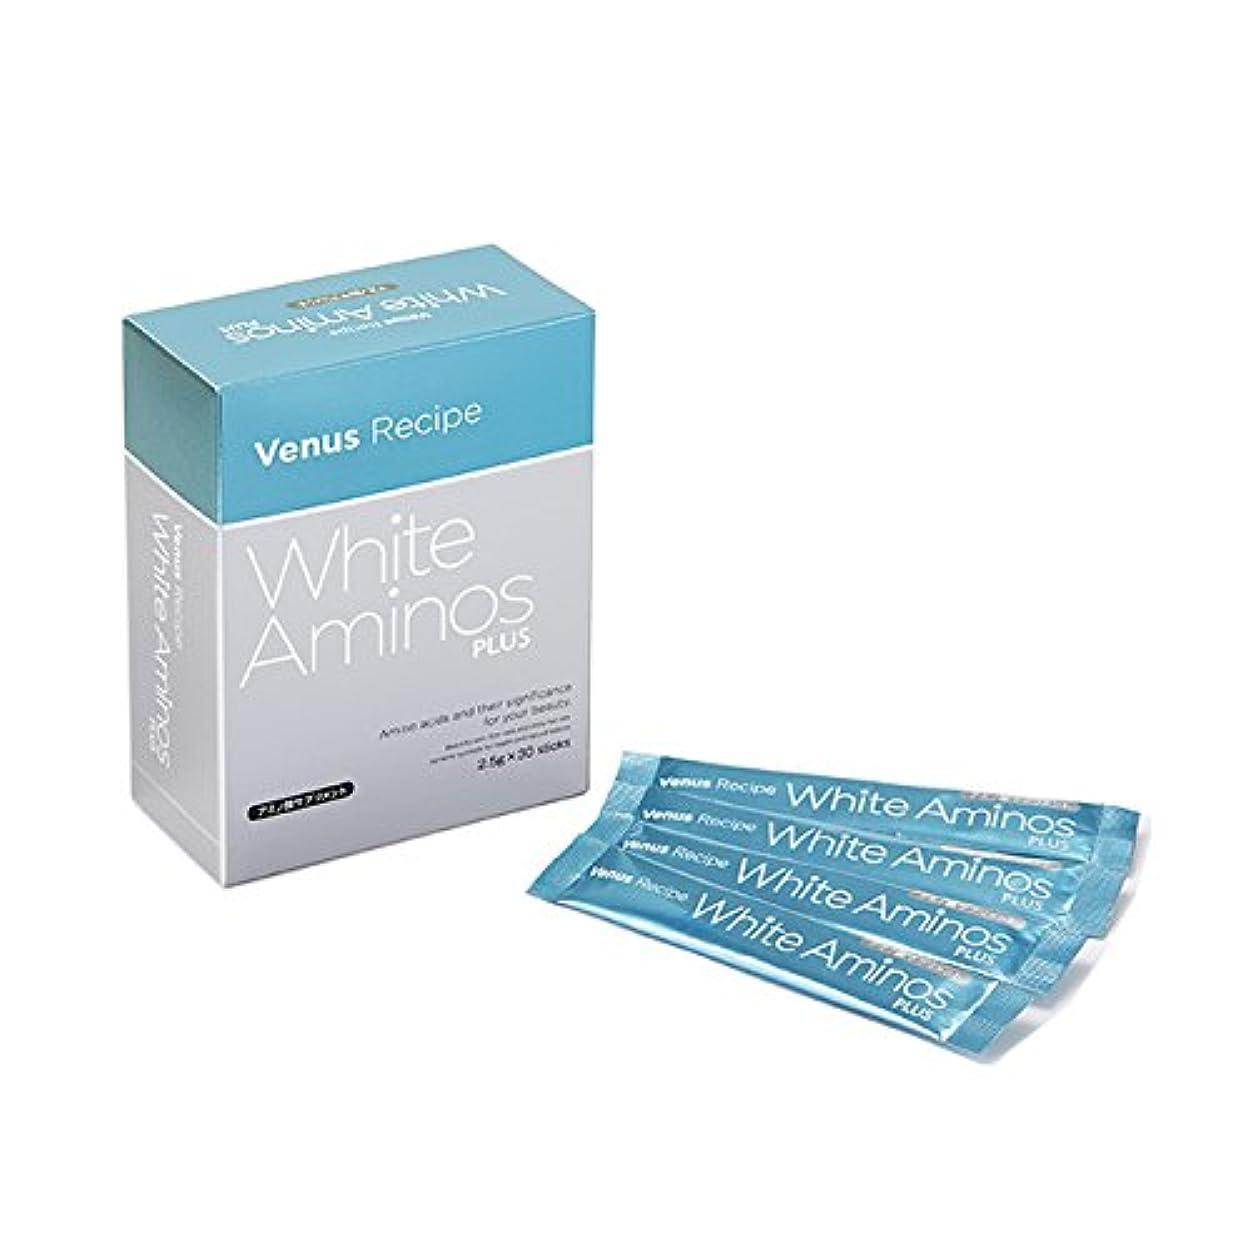 部クスクスねばねばアクシージア (AXXZIA) ヴィーナスレシピ ホワイト アミノズ プラス 75g(2.5g×30包)| アミノ酸